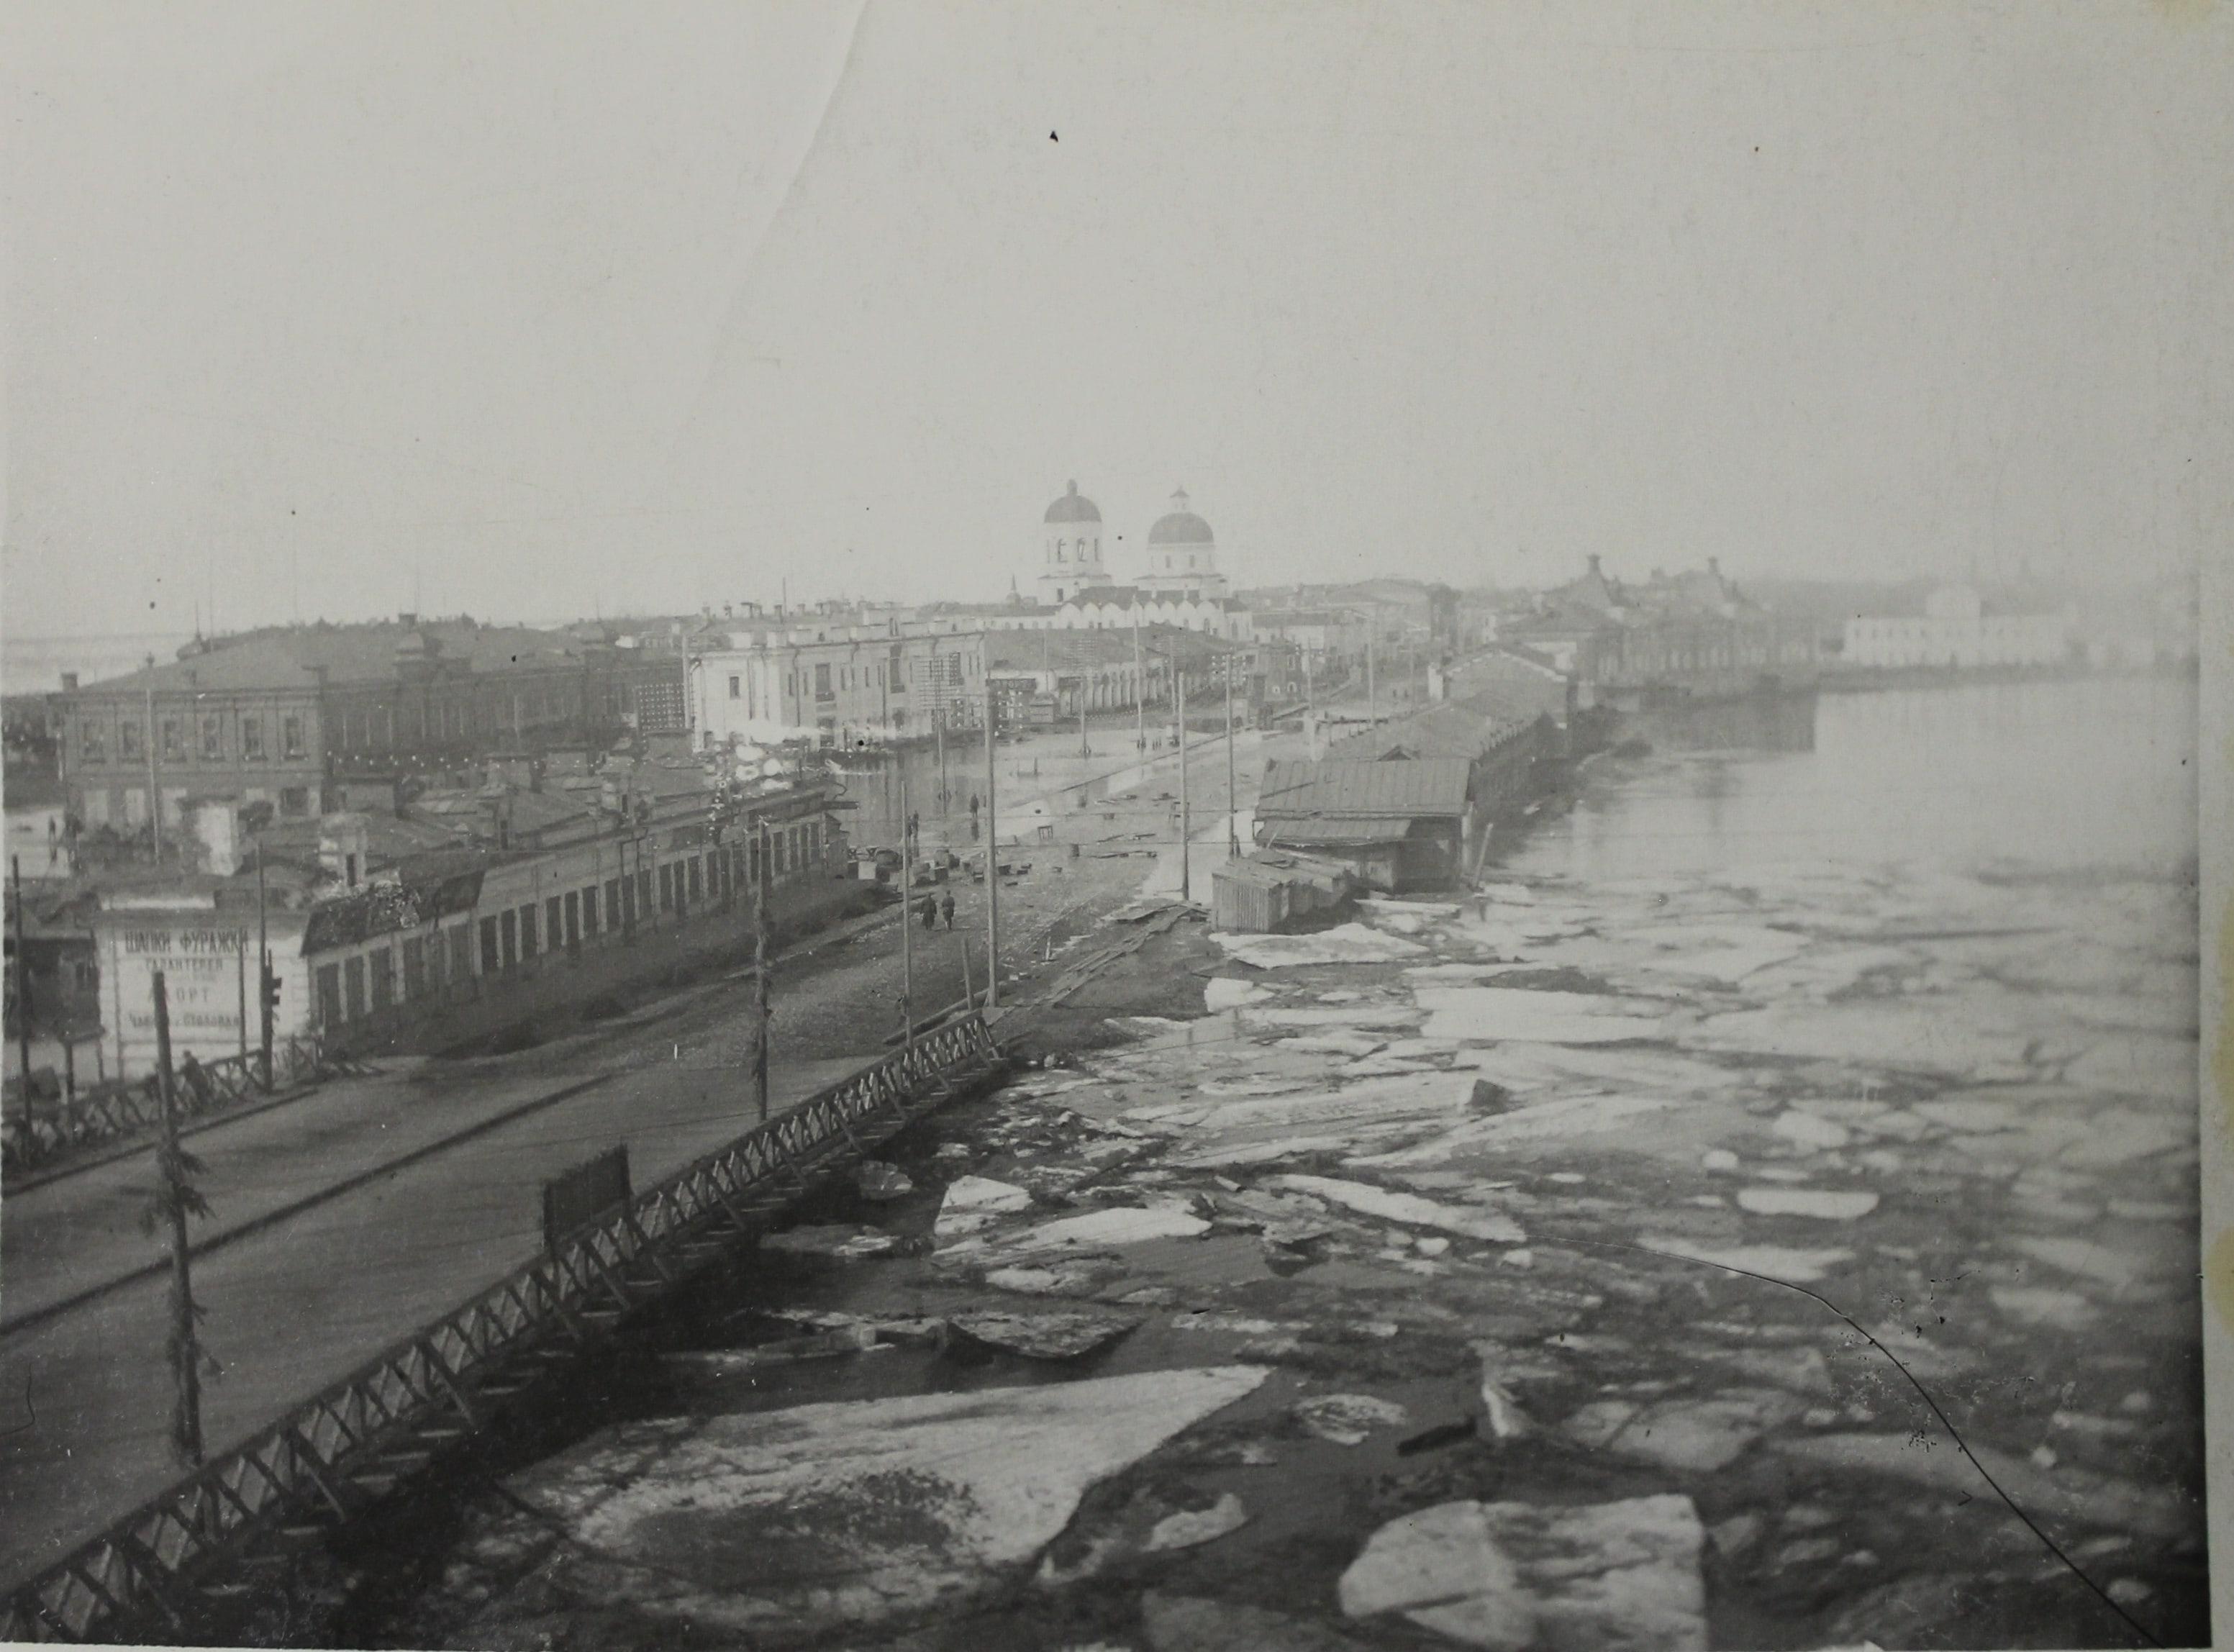 Фотография. «Наводнение на реке Томи». Автор: Кривопишин Ю.П. 1930г. Бумага матовая, фотопечать. 8.9 × 11.9 см.